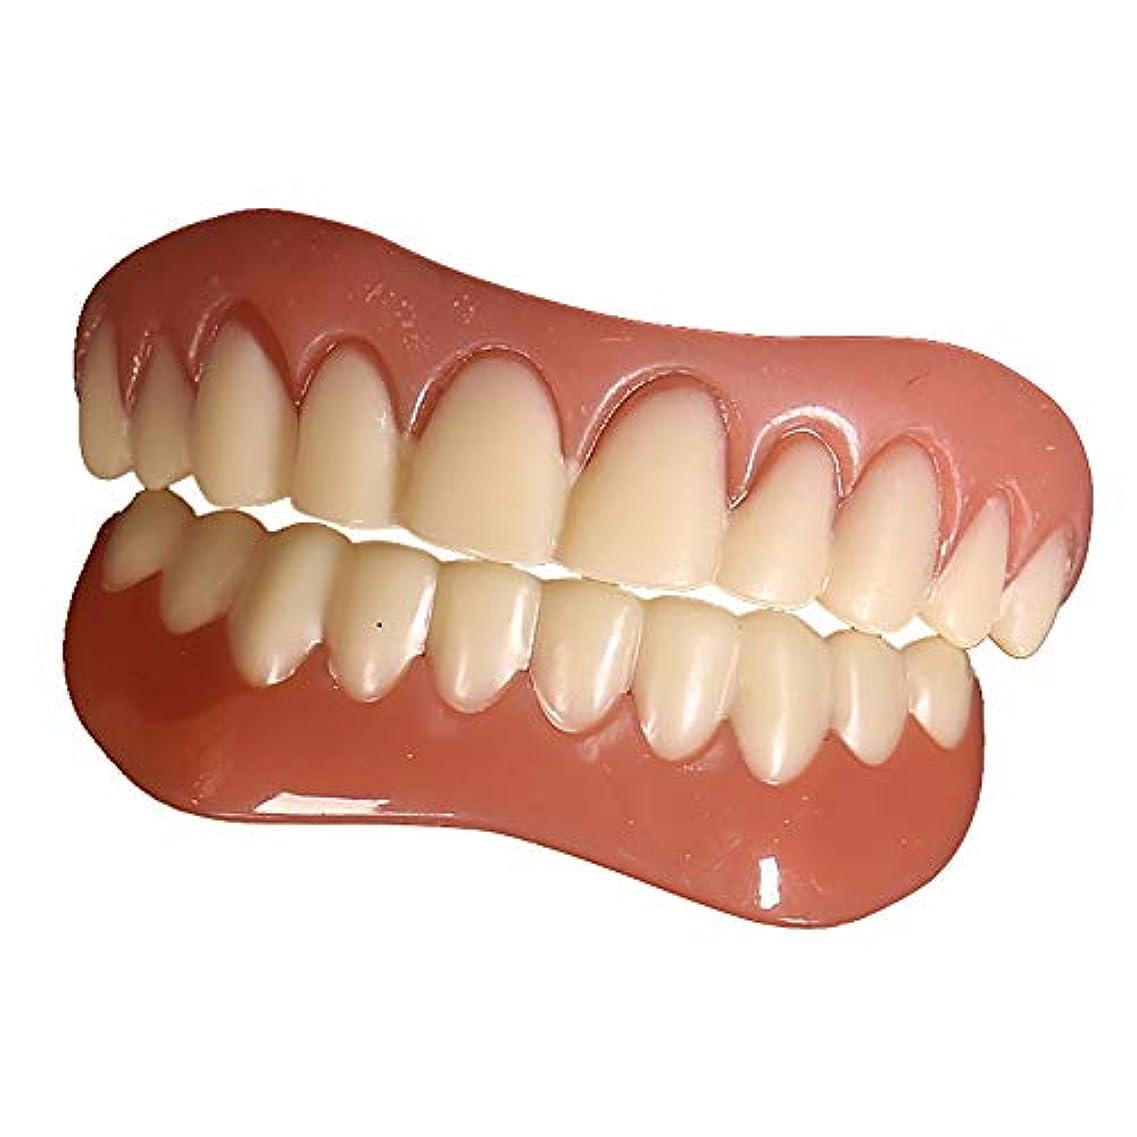 誘惑トロリーバスマインドパーフェクトインスタントスマイルティースベニアインスタント美容義歯上下歯2個入り(フリーサイズ(中)